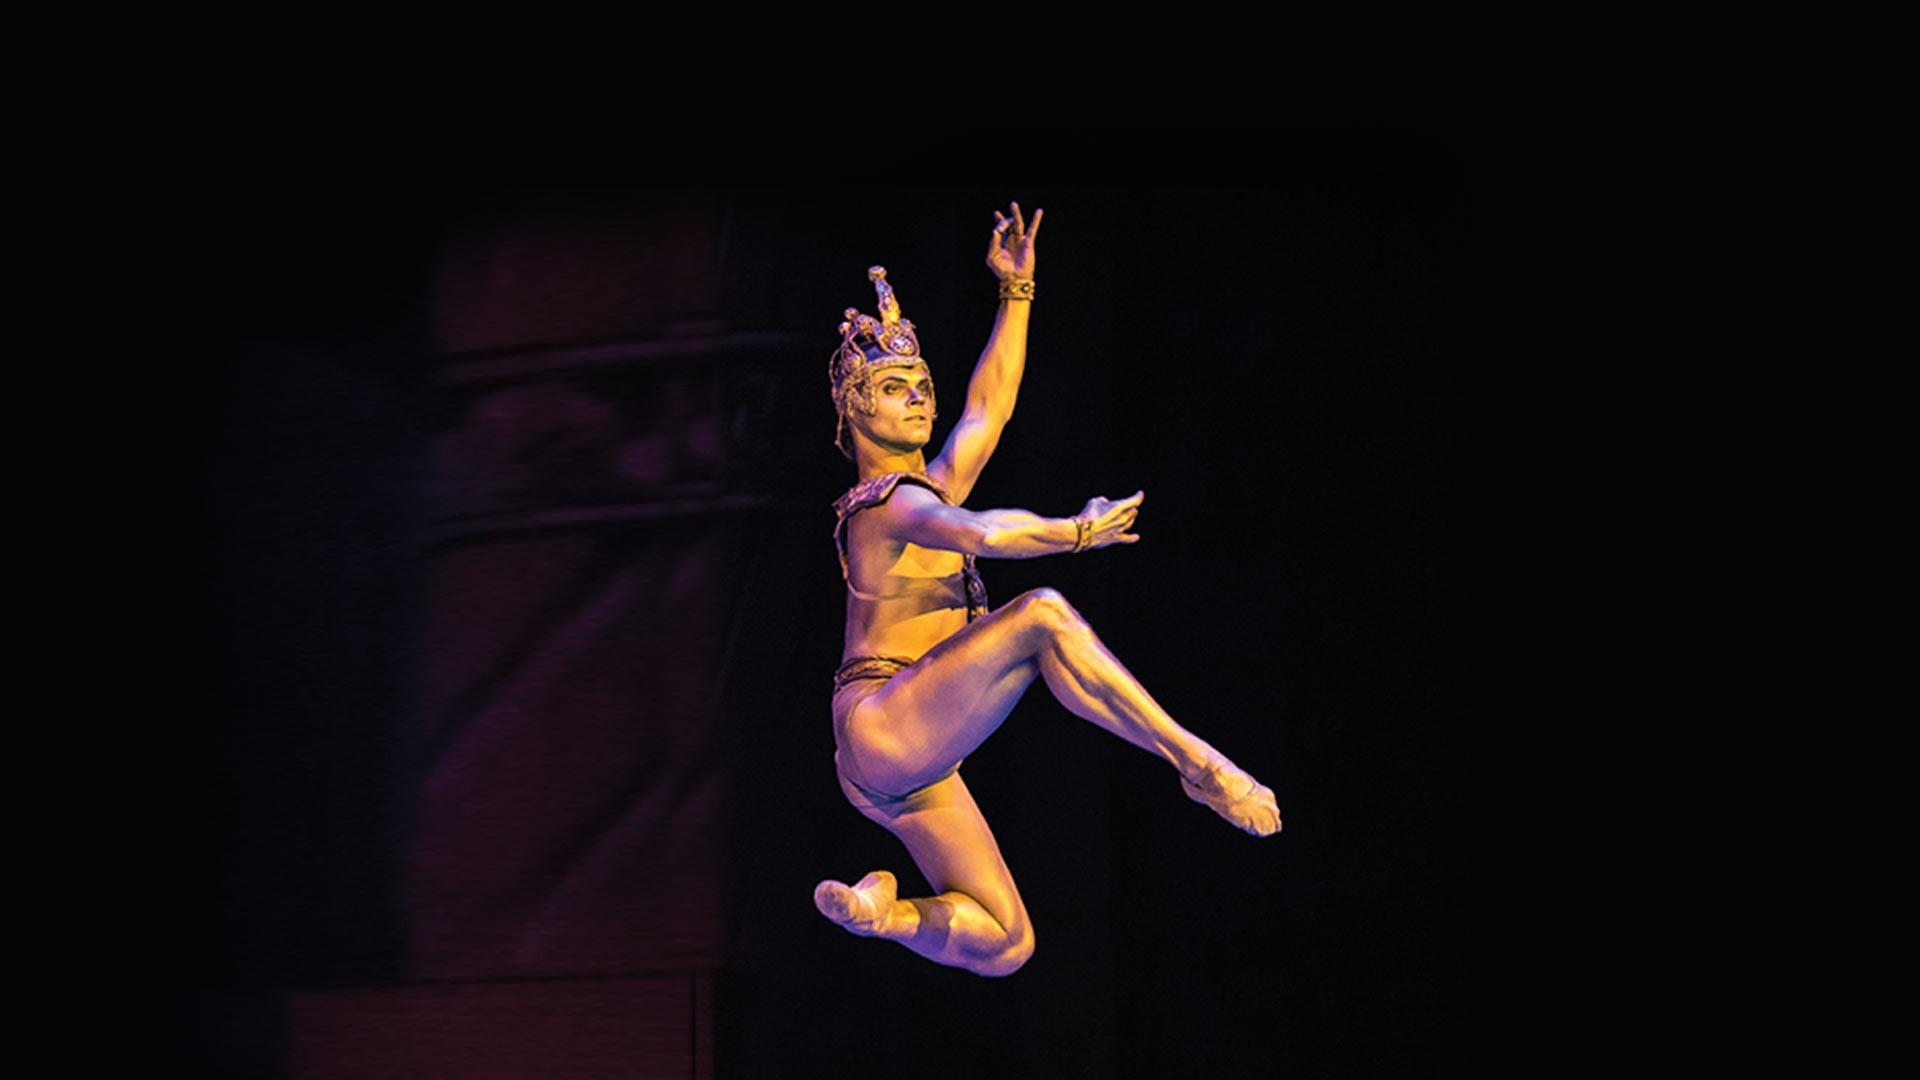 """IX Международный фестиваль балета в Кремле. Баядерка. Л. Минкус. Спектакль театра """"Кремлёвский балет"""""""